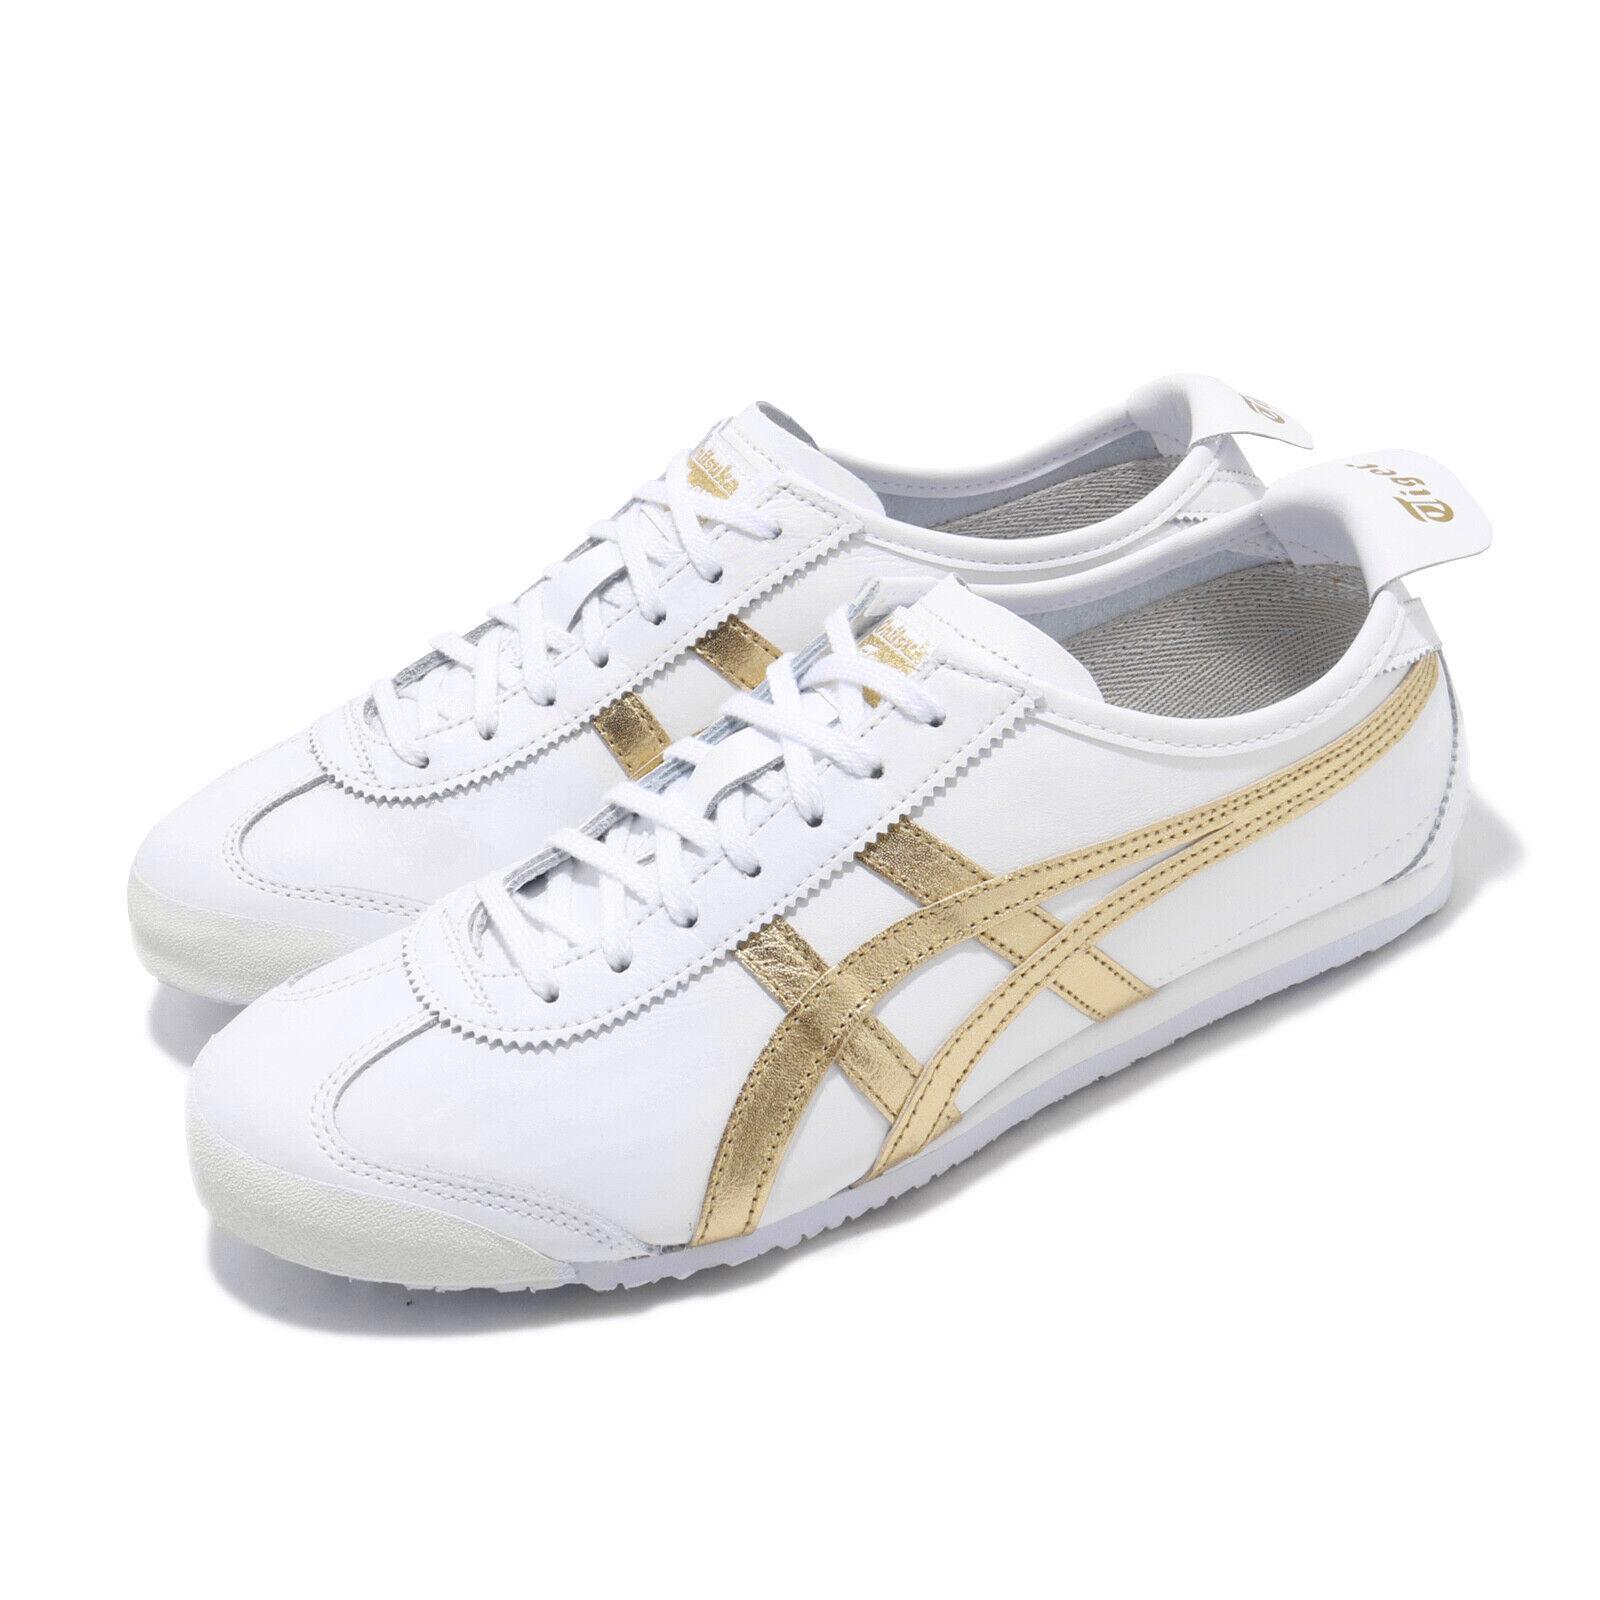 Asics Onitsuka Tiger MEXICO 66 De oro blancoo Hombre Mujeres Tenis para Correr 1183A499-101